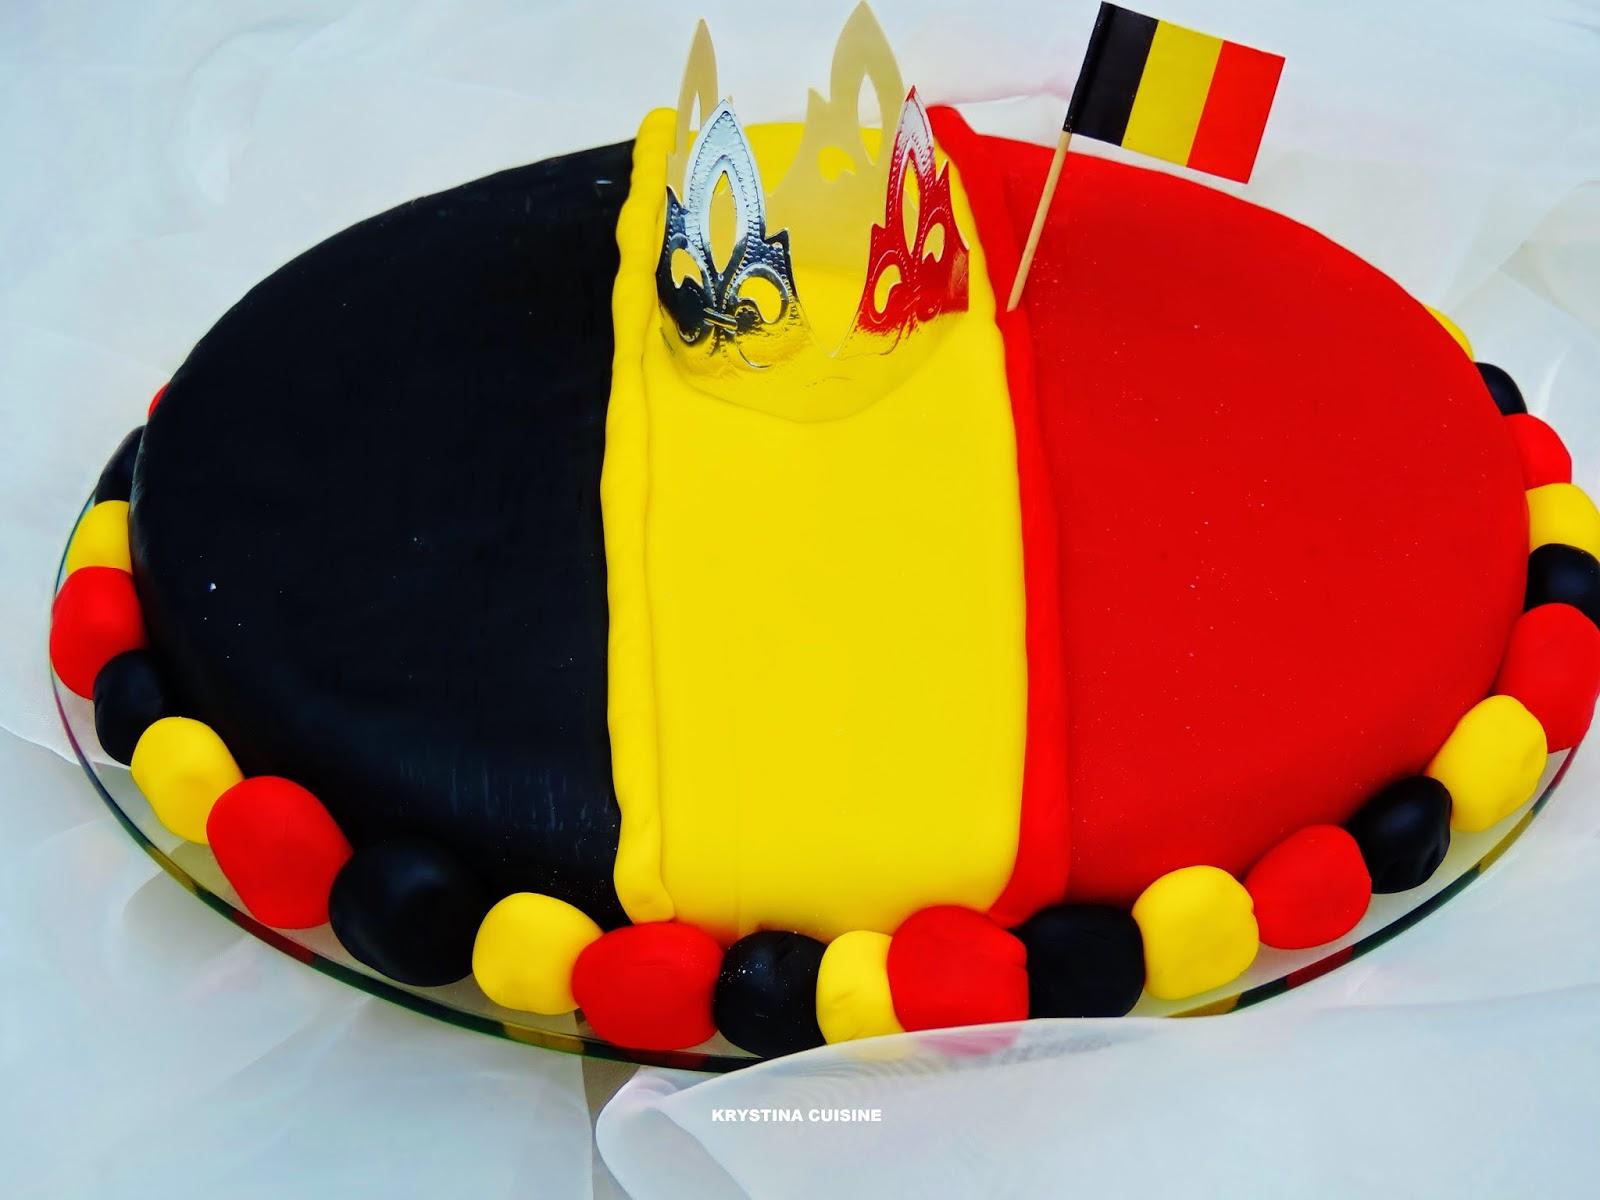 Krystina cuisine Gteau pour la Belgique